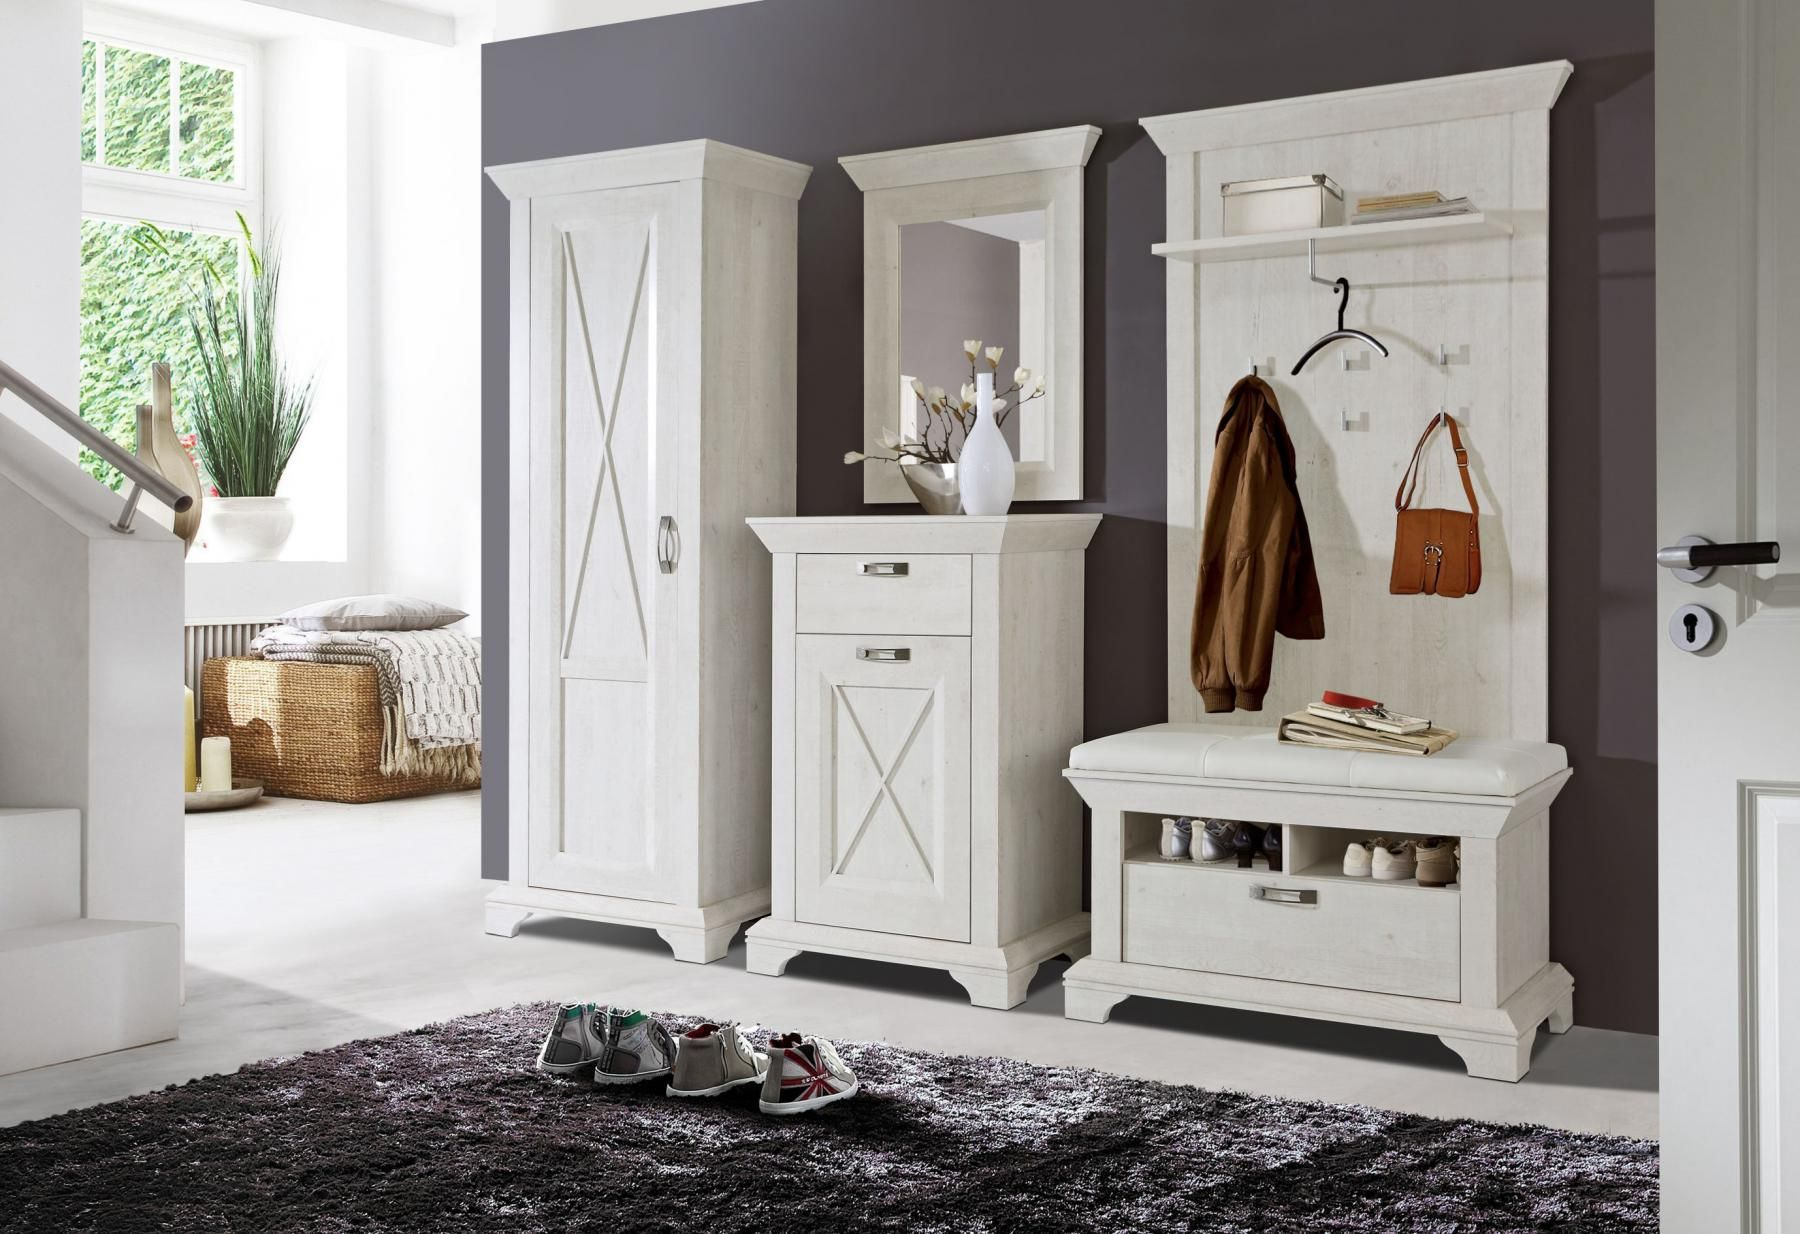 13 Hervorragend Landhaus Garderobe Weiss Garderoben Set Garderobenset Haus Innenarchitektur